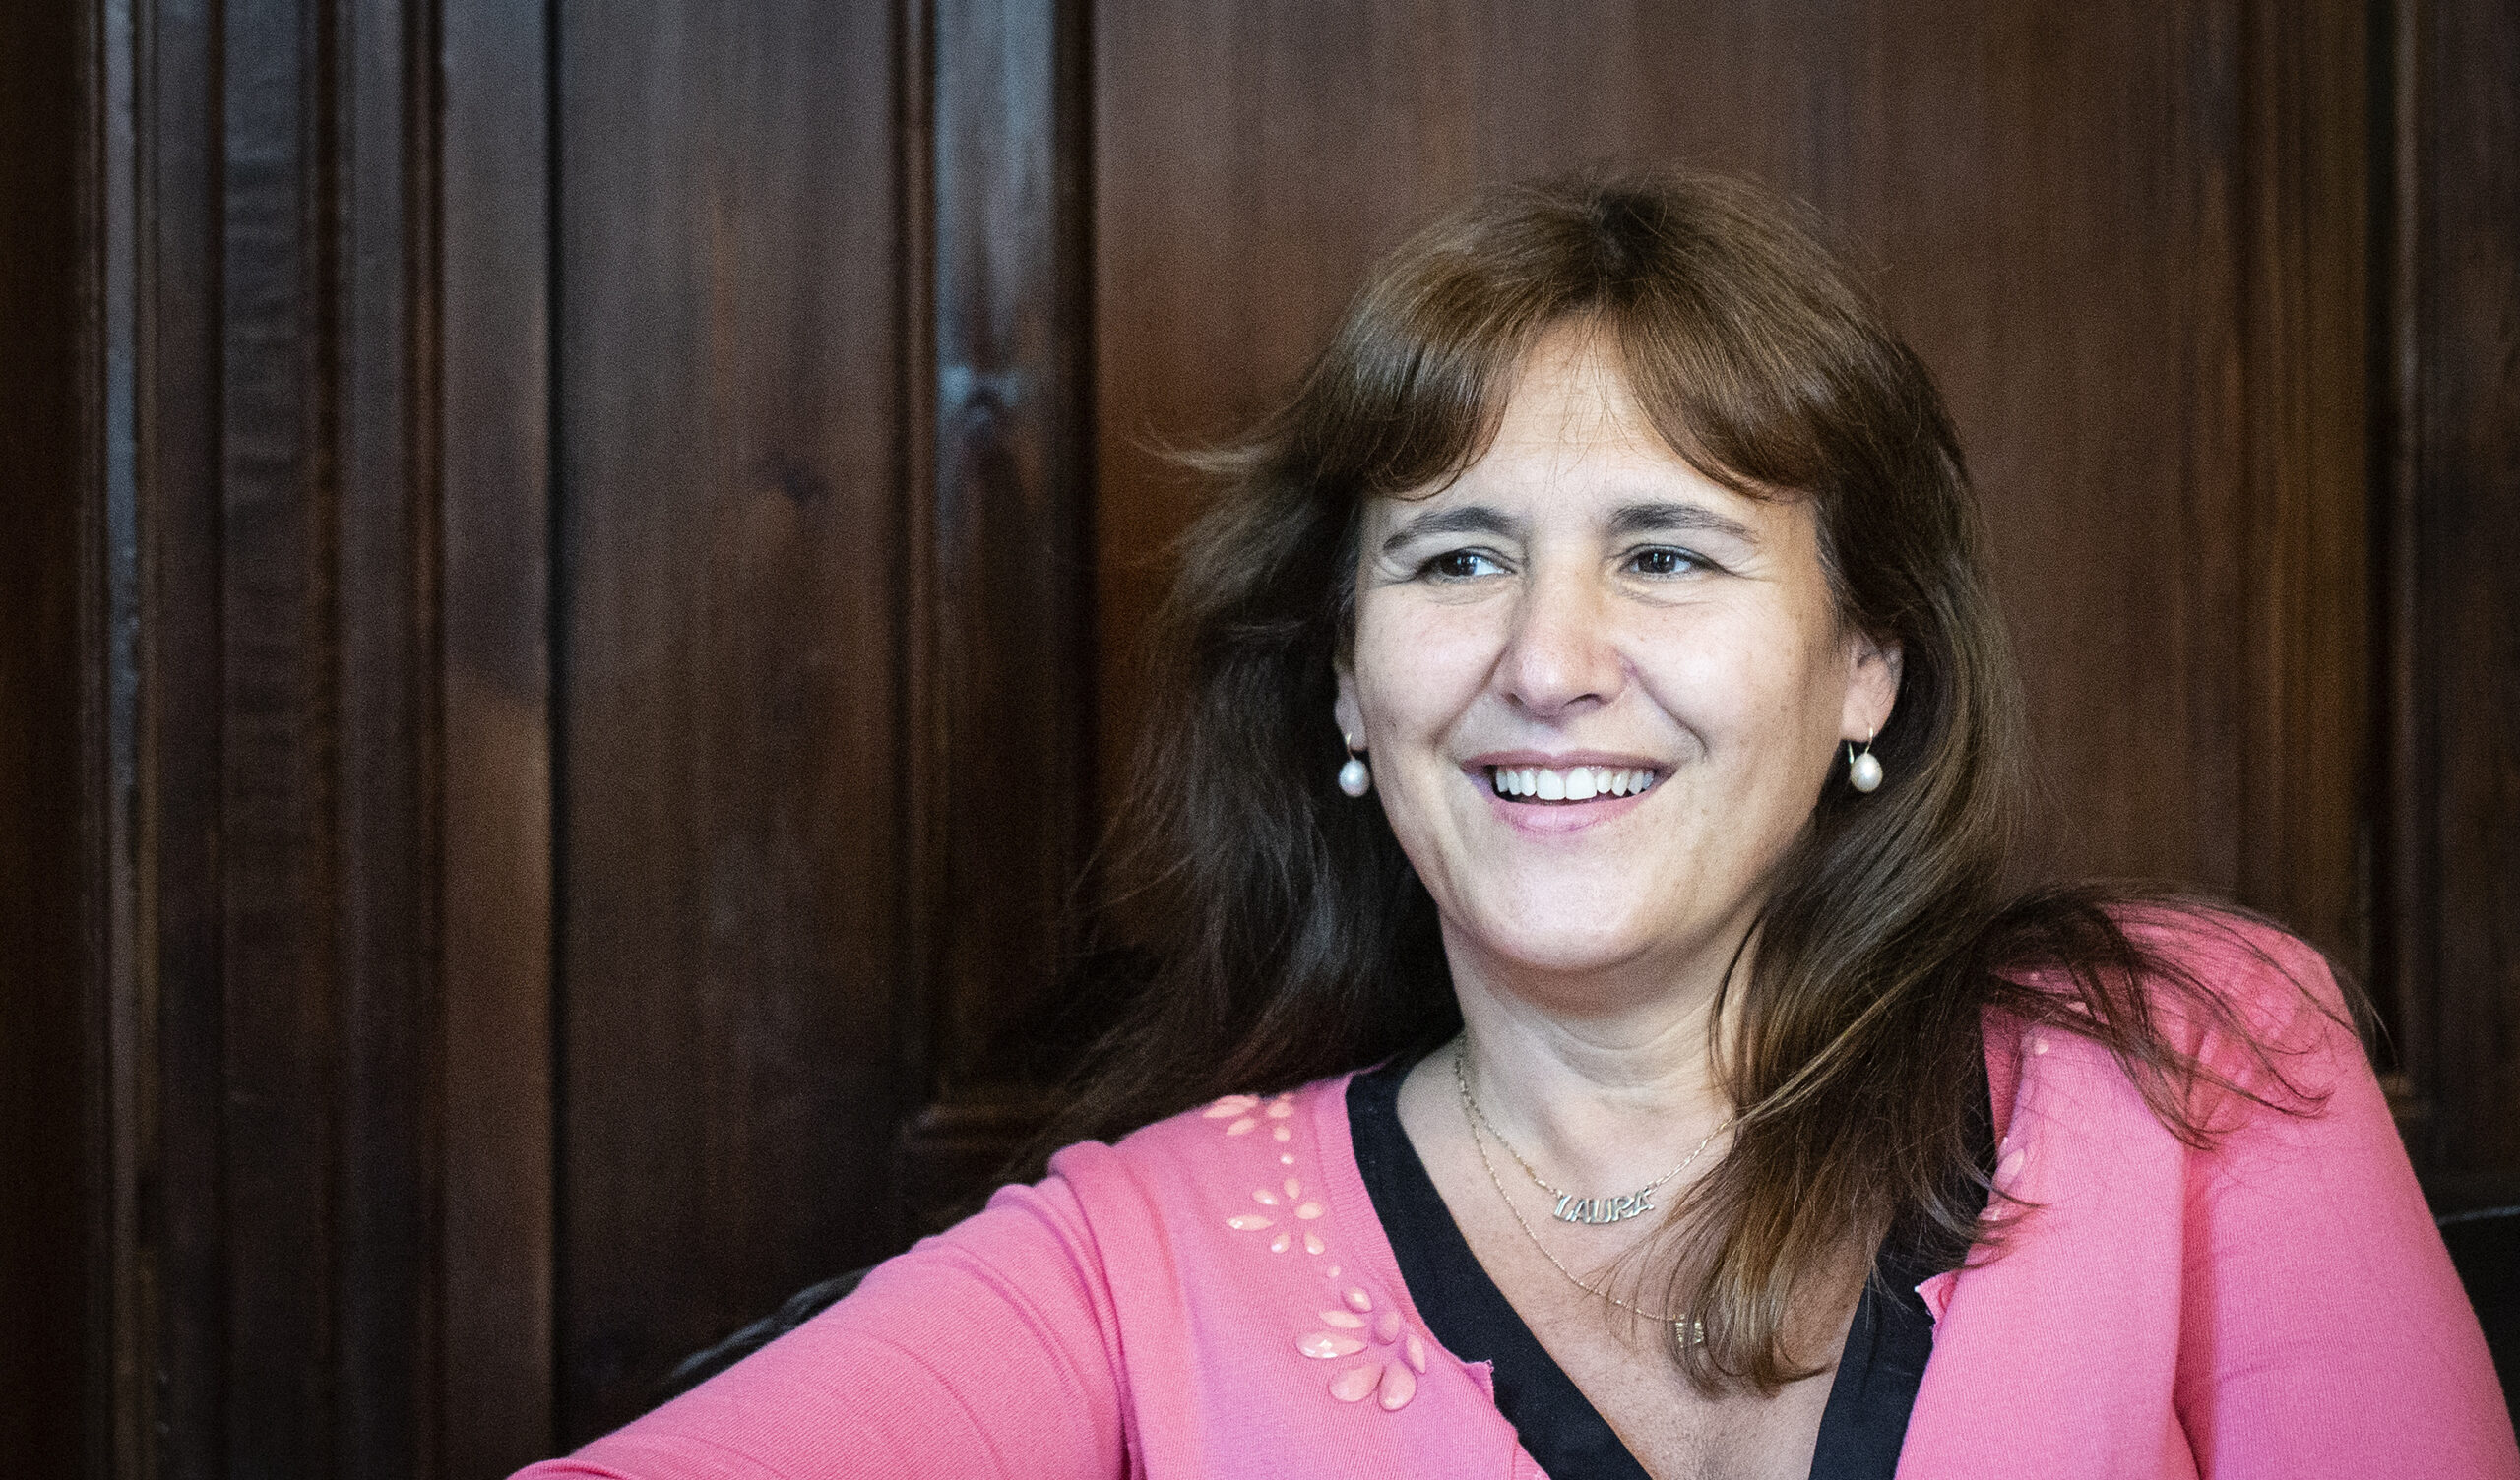 La presidenta del Parlament, Laura Borràs, al seu despatx | Mireia Comas